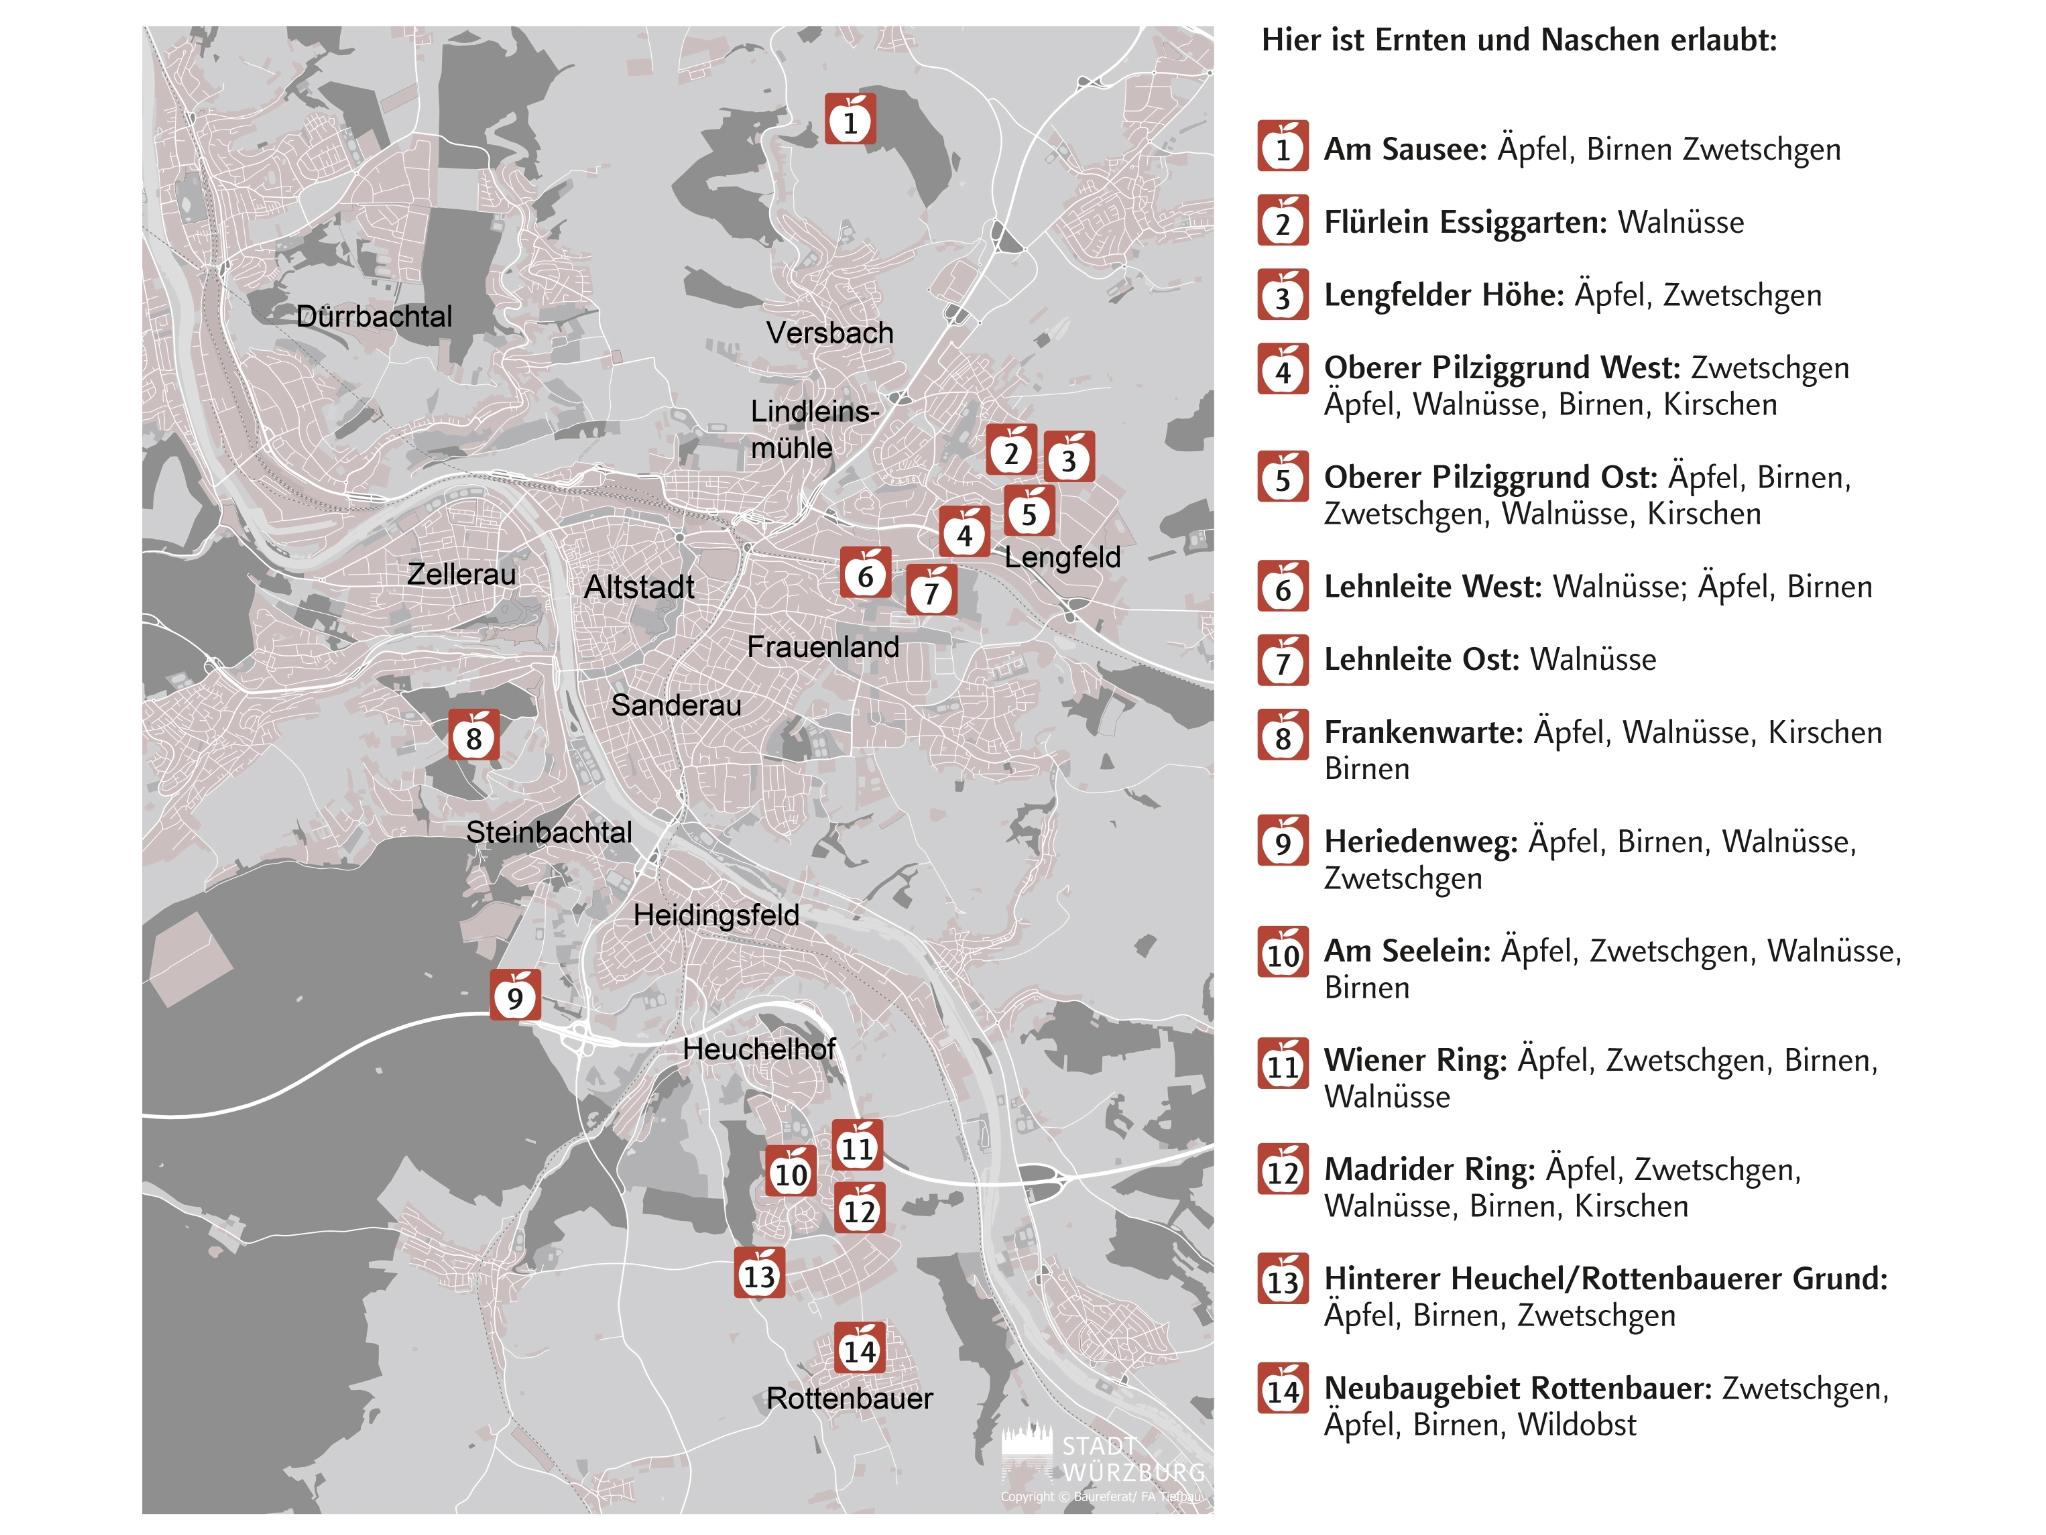 Lageplan der 14 städtischen Flächen, auf denen zum Ernten eingeladen wird. Grafik: Stadt Würzburg, FB Tiefbau und Verkehrswesen